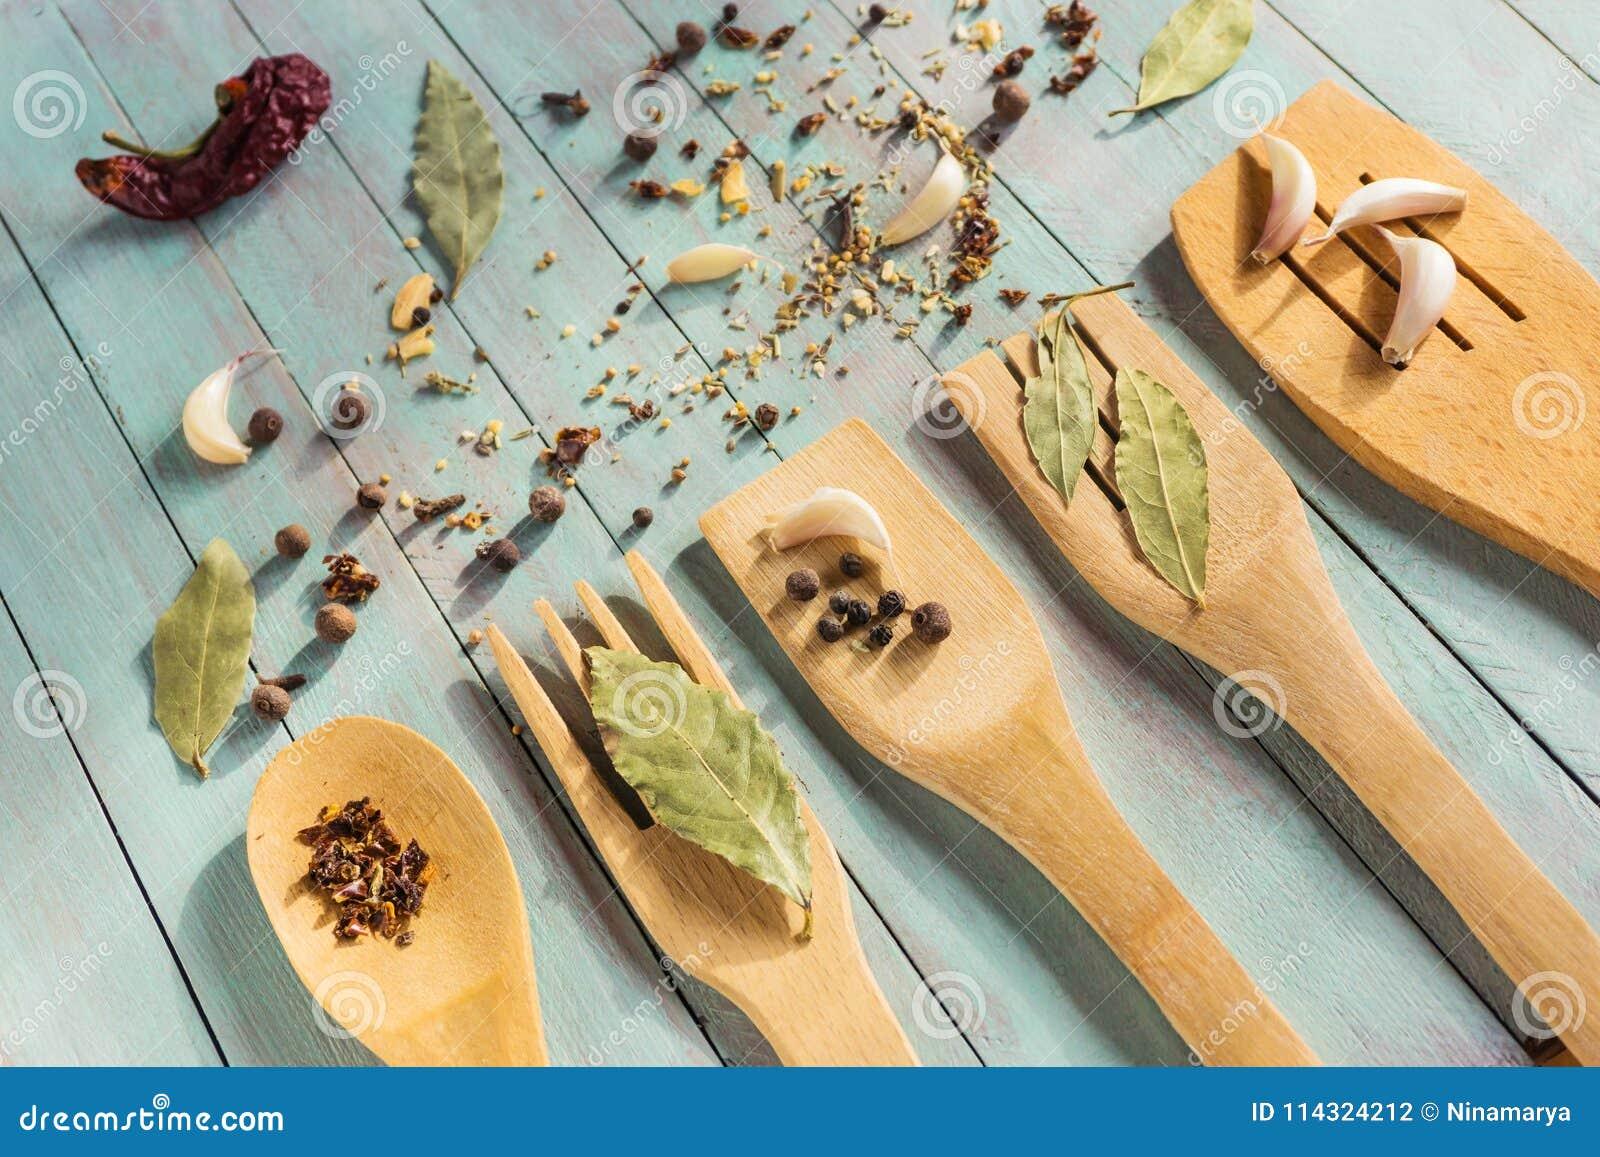 Träköksgeråd och olika kryddor på